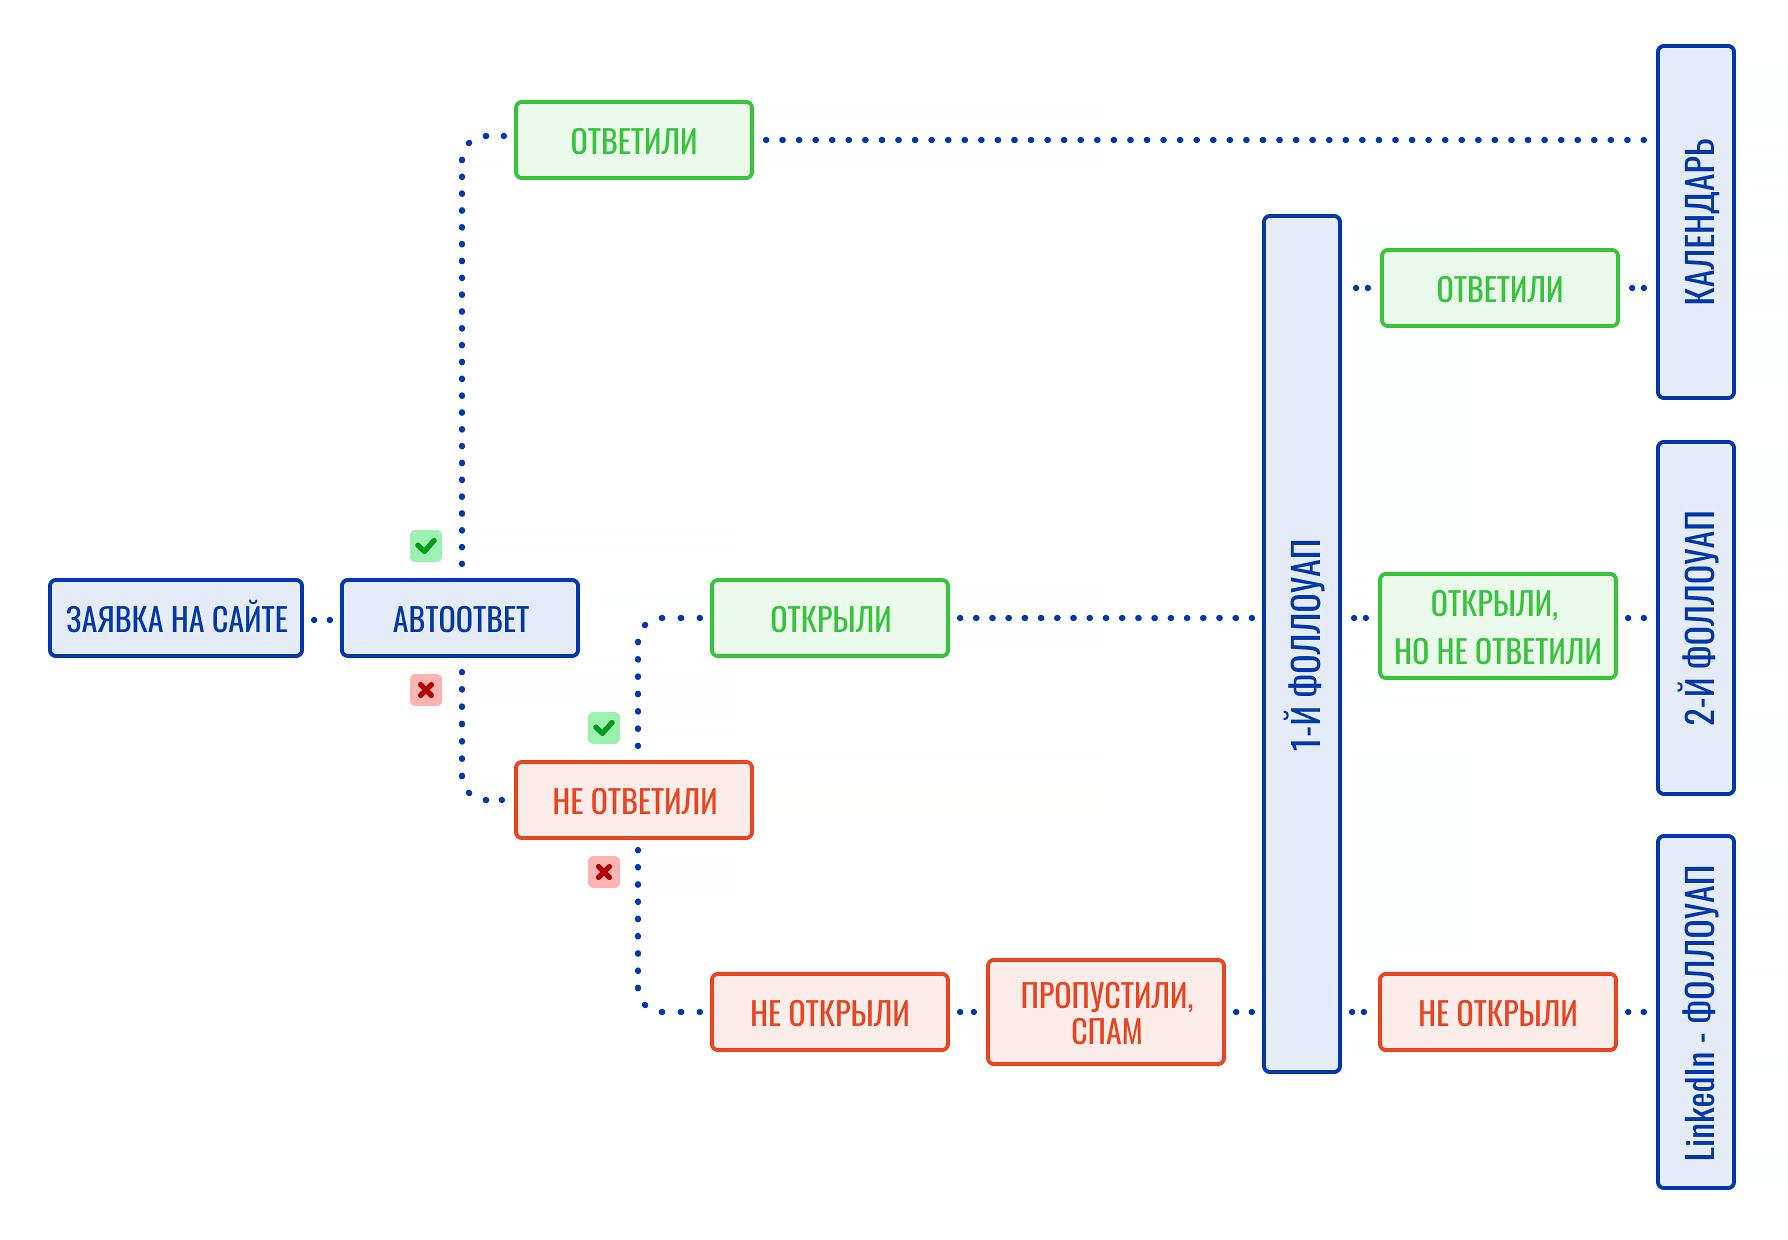 Предложенная схема автоматической цепочки после заявки